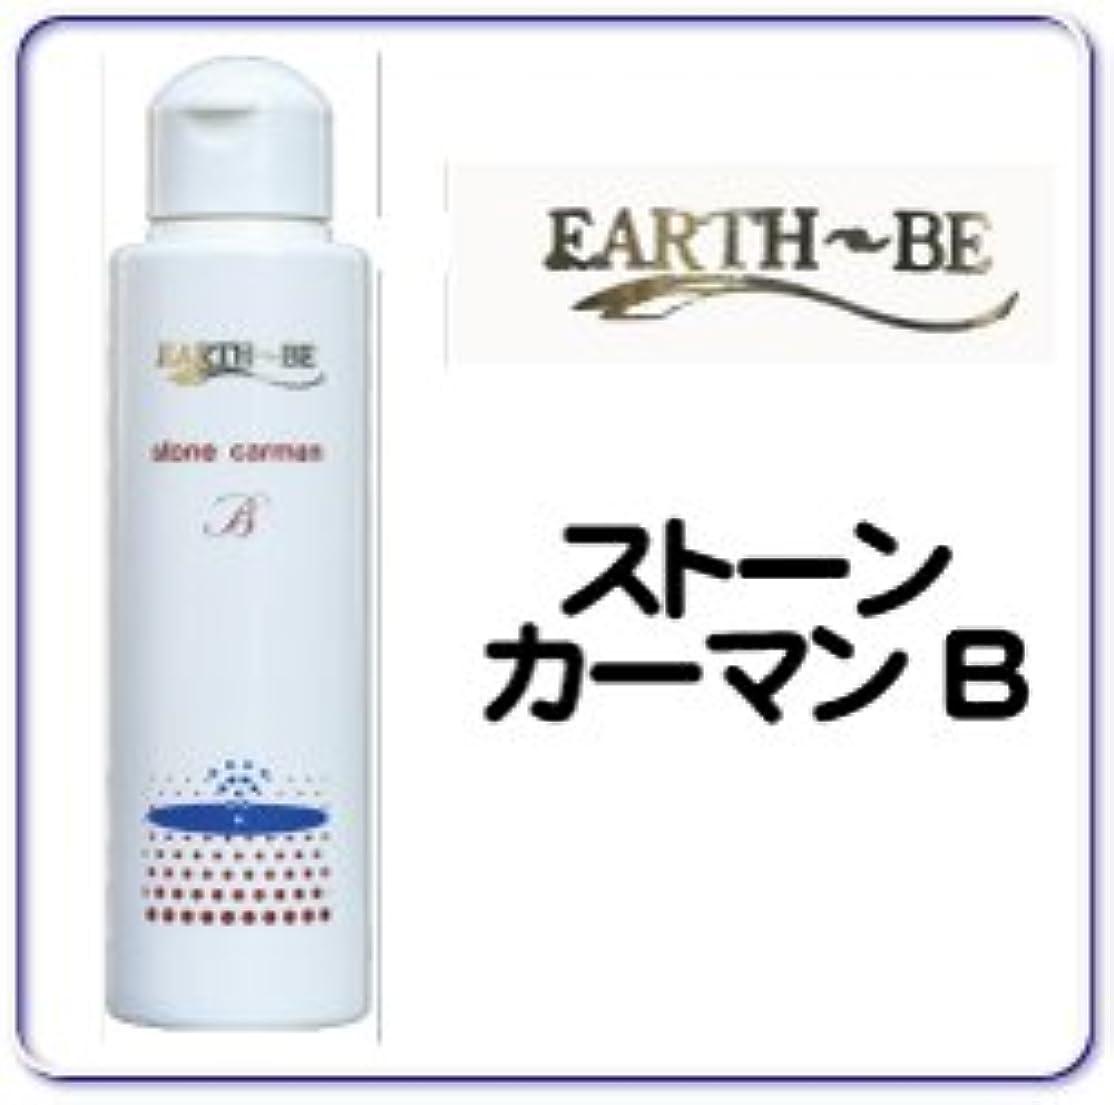 同化作ります解明するベルマン化粧品 EARTH-Bシリーズ  アースビ ストーン カーマンB  120ml 化粧水